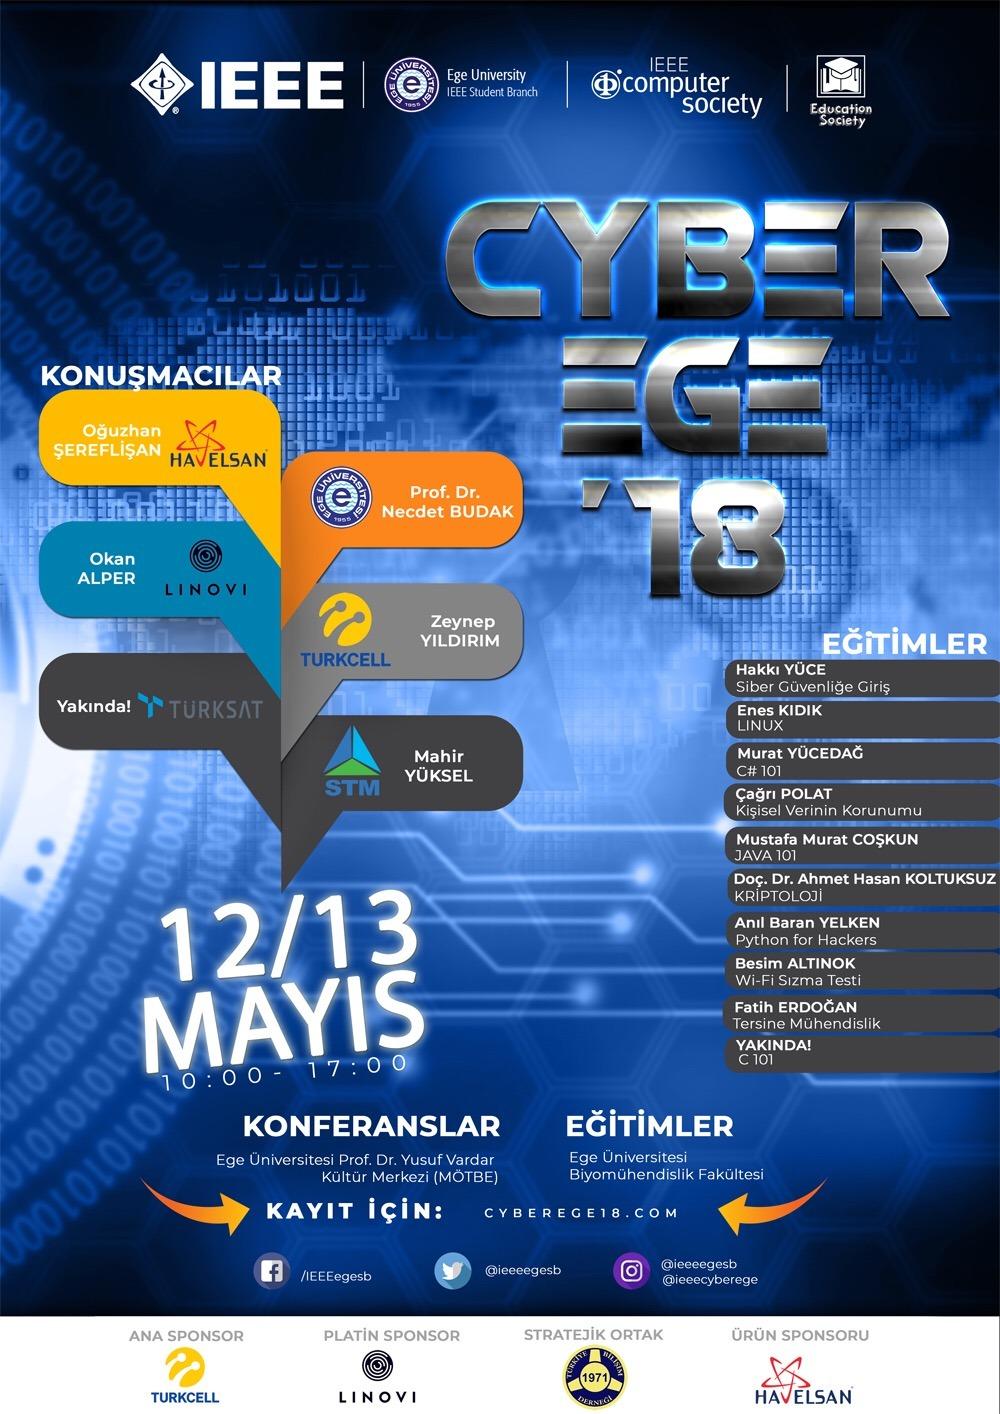 cyberege 2018 programı